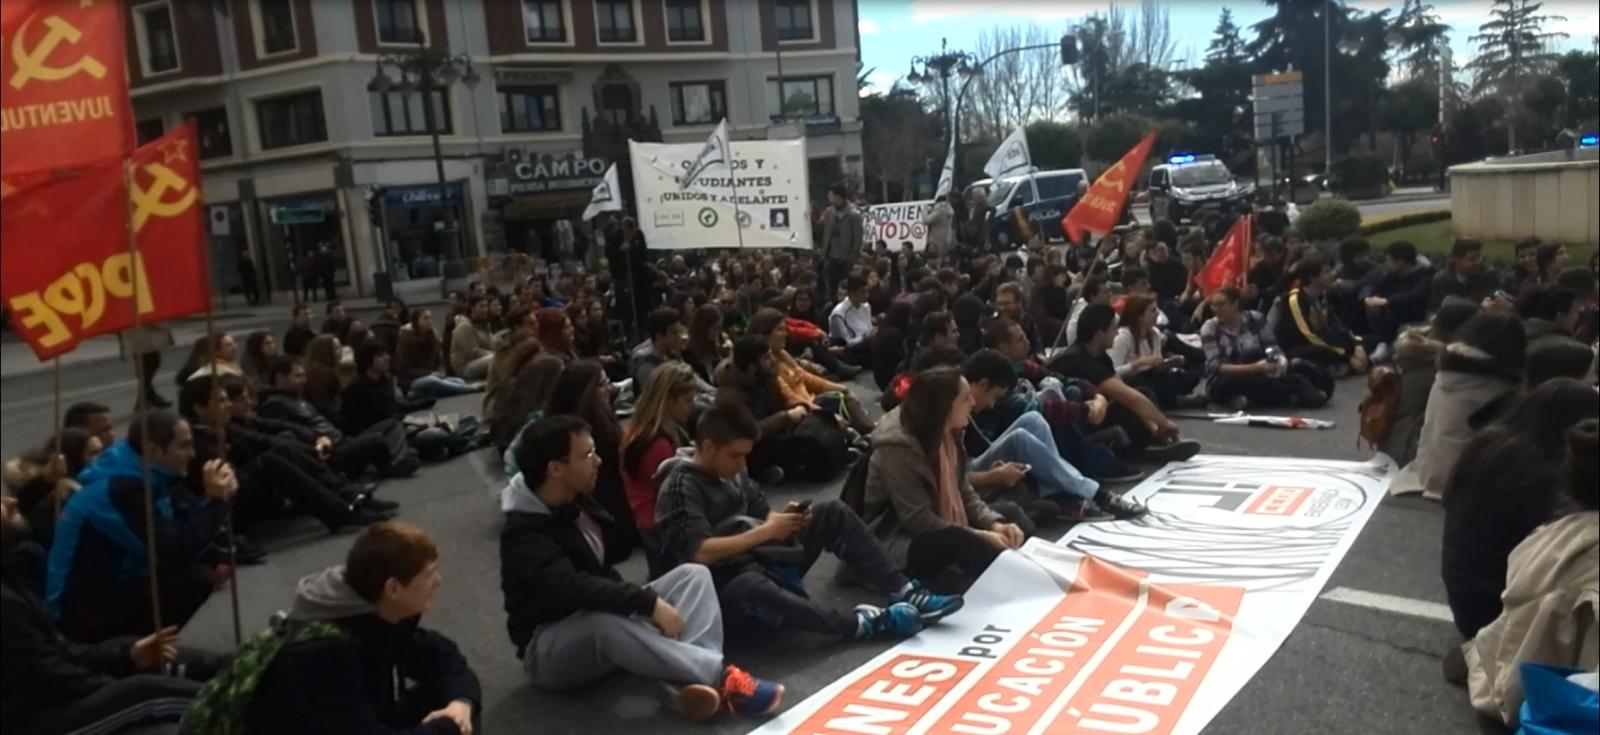 Banderas en las manifestaciones. 2eujups